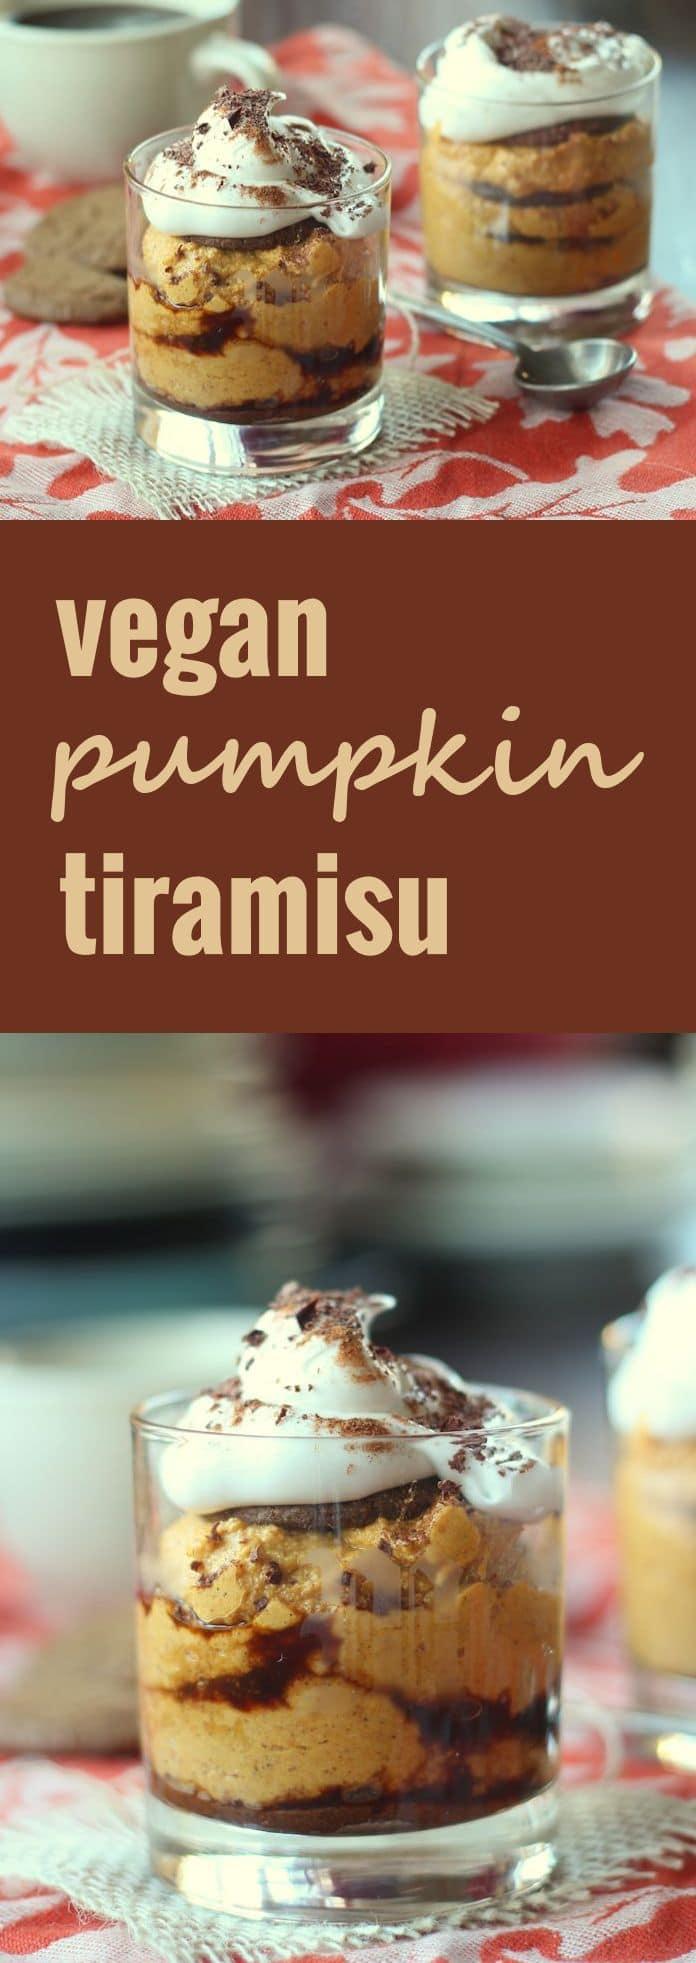 Vegan Pumpkin Gingersnap Tiramisu